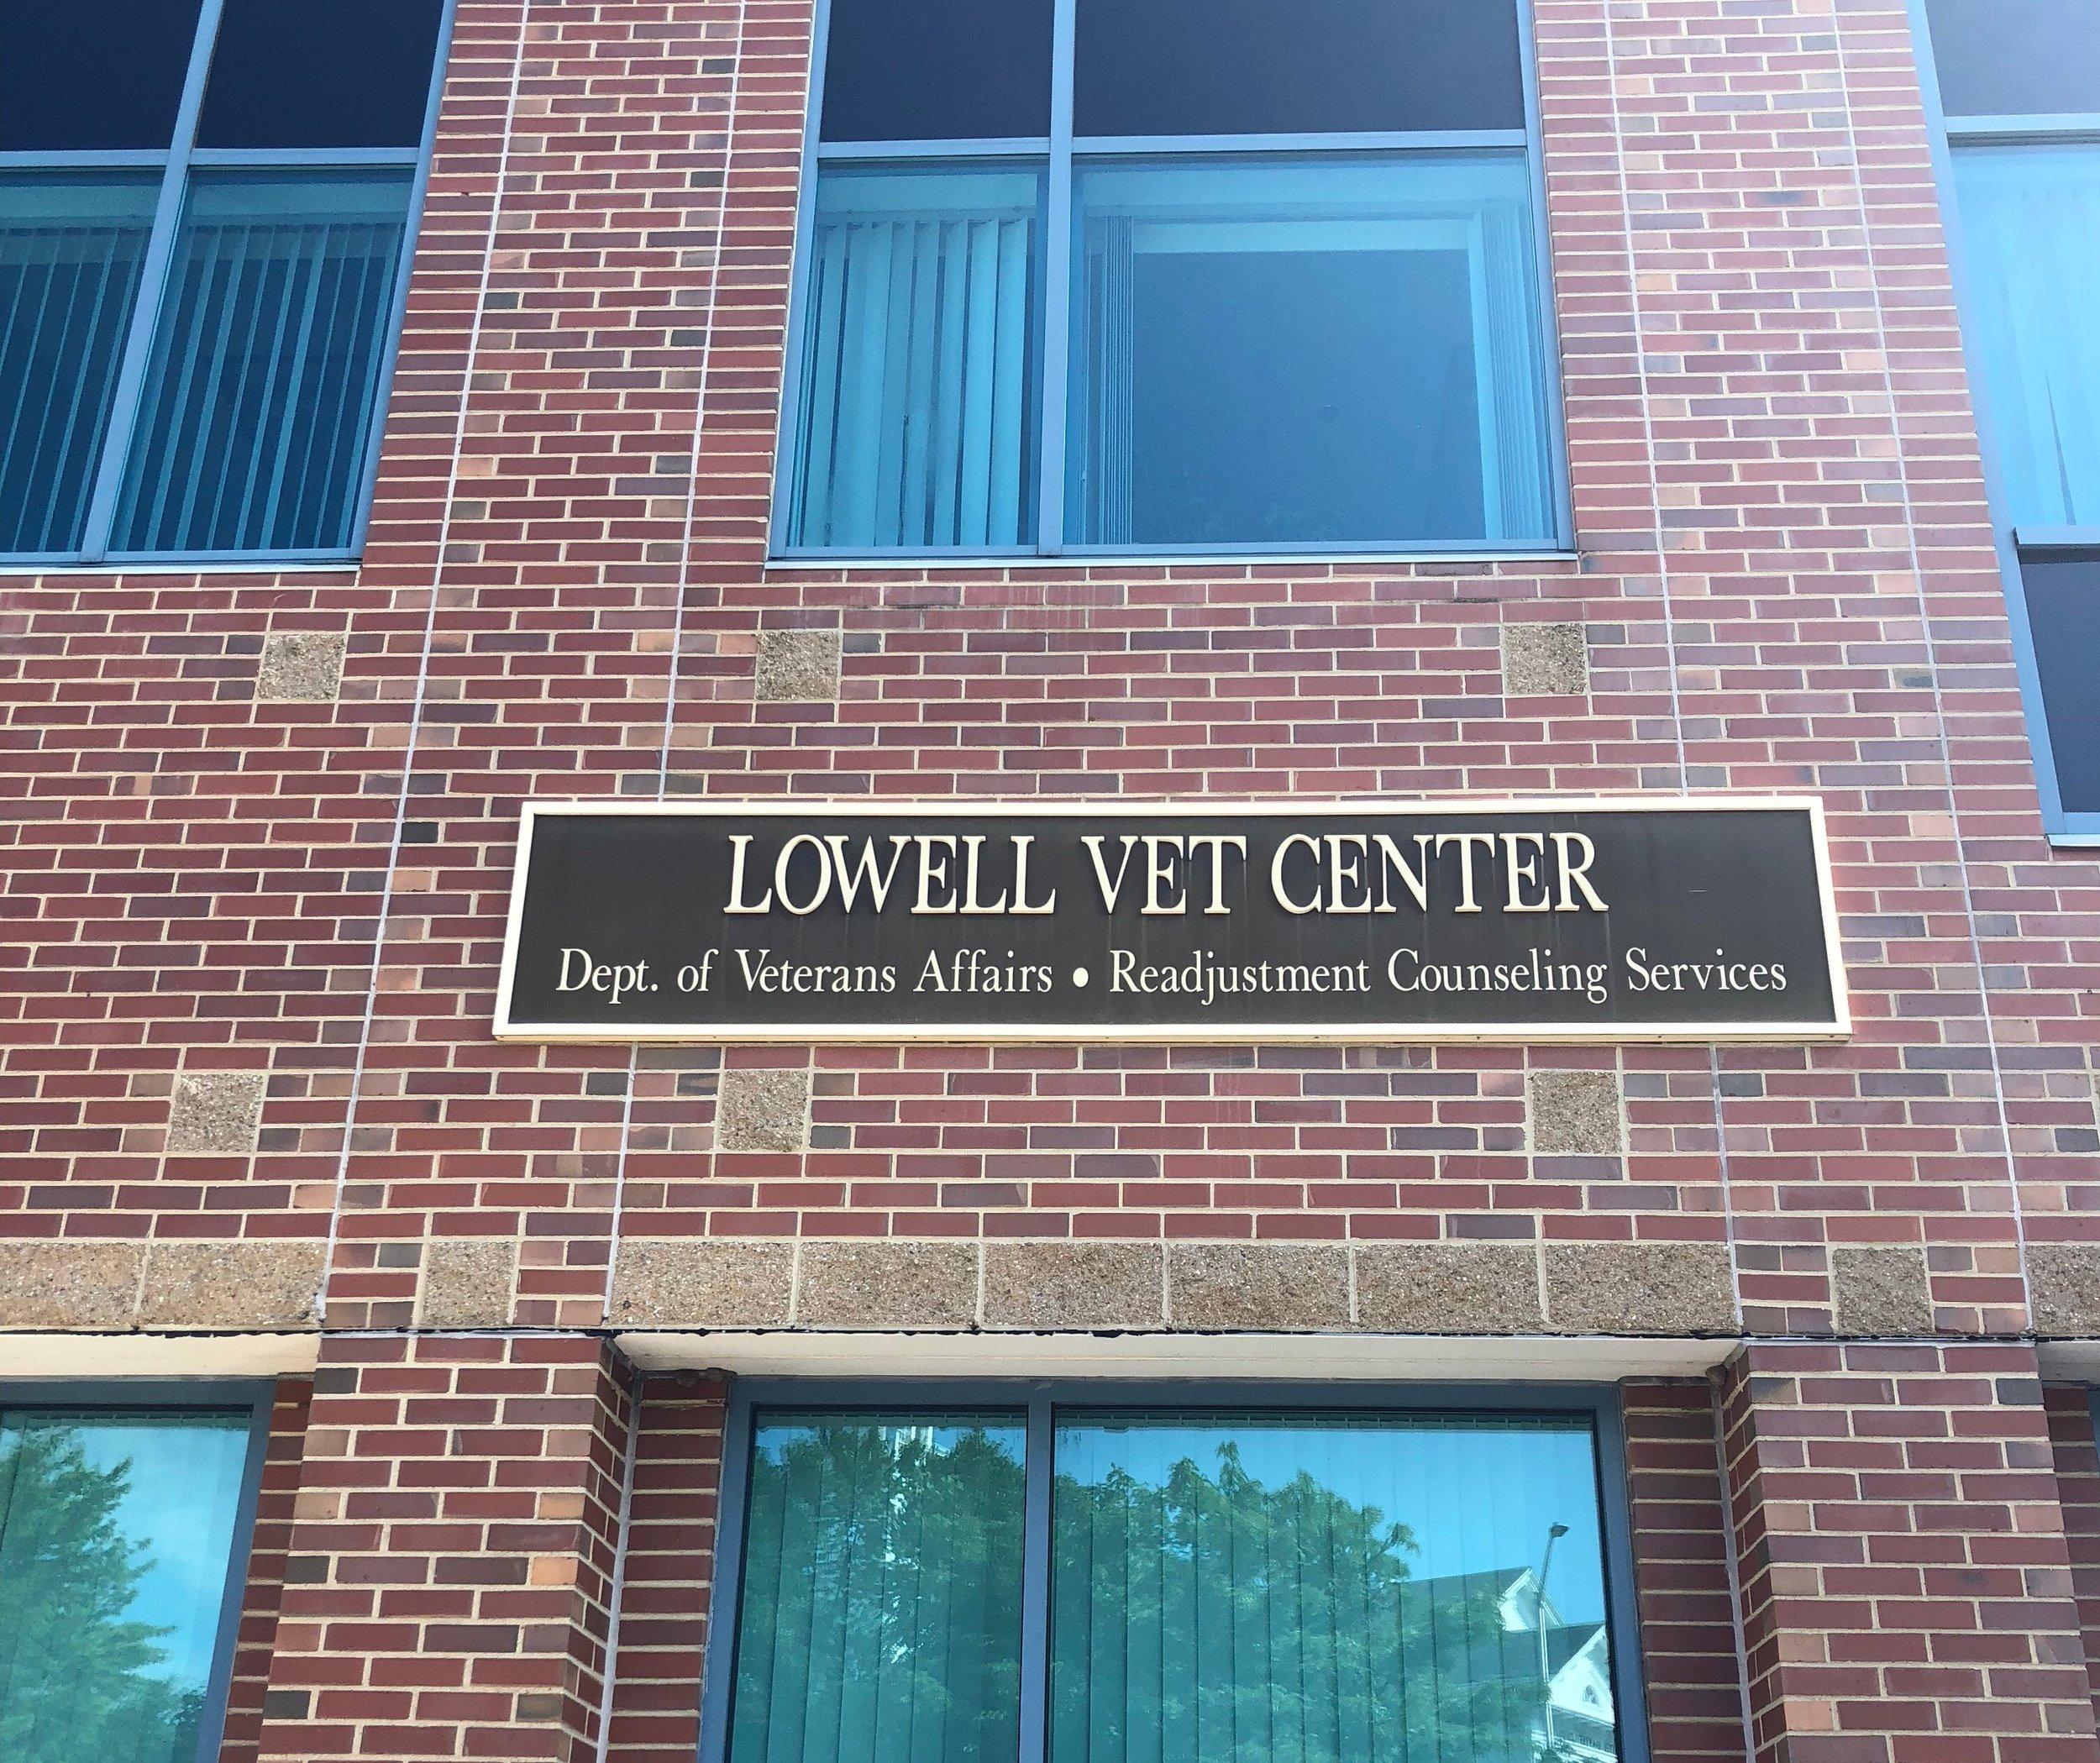 Lowell Vet Center2.jpeg